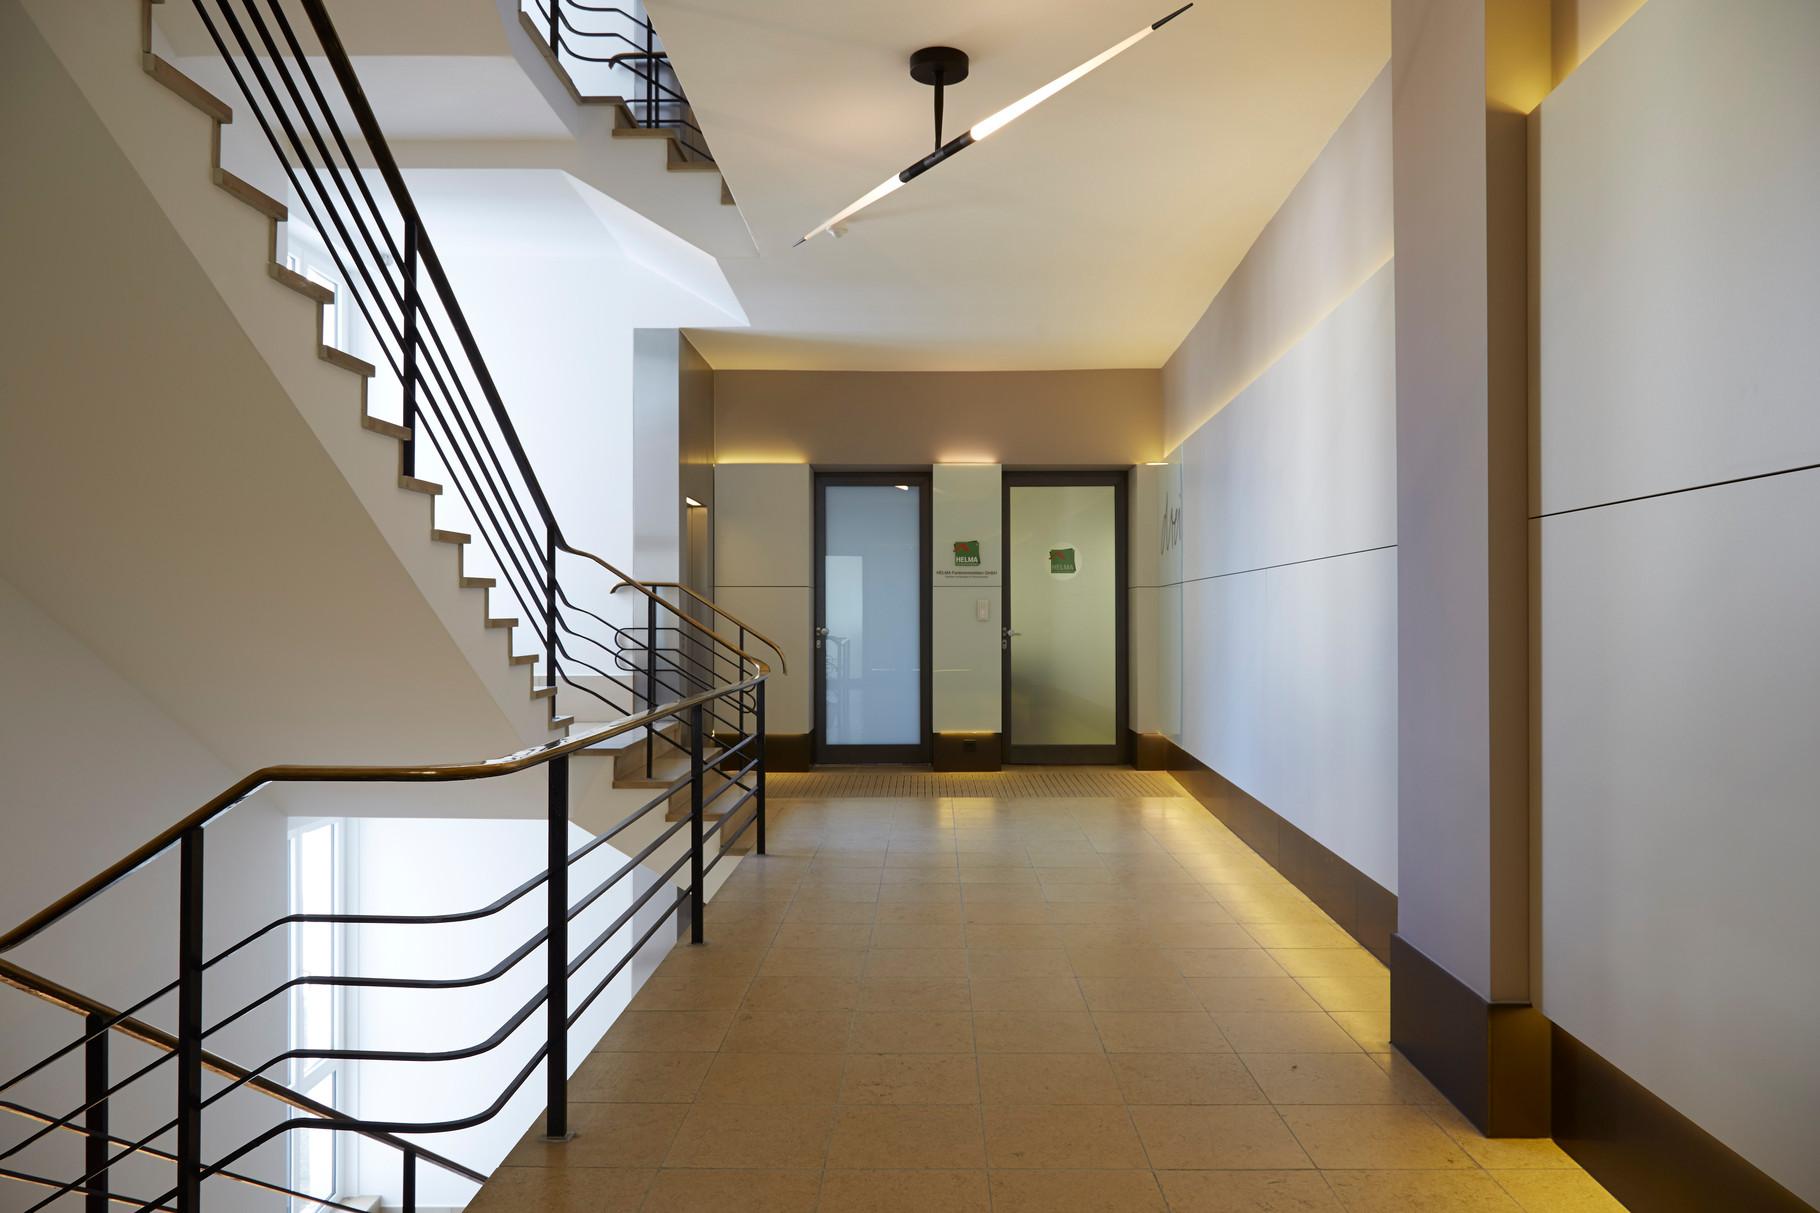 Gewerbe- und Verwaltungsbauten